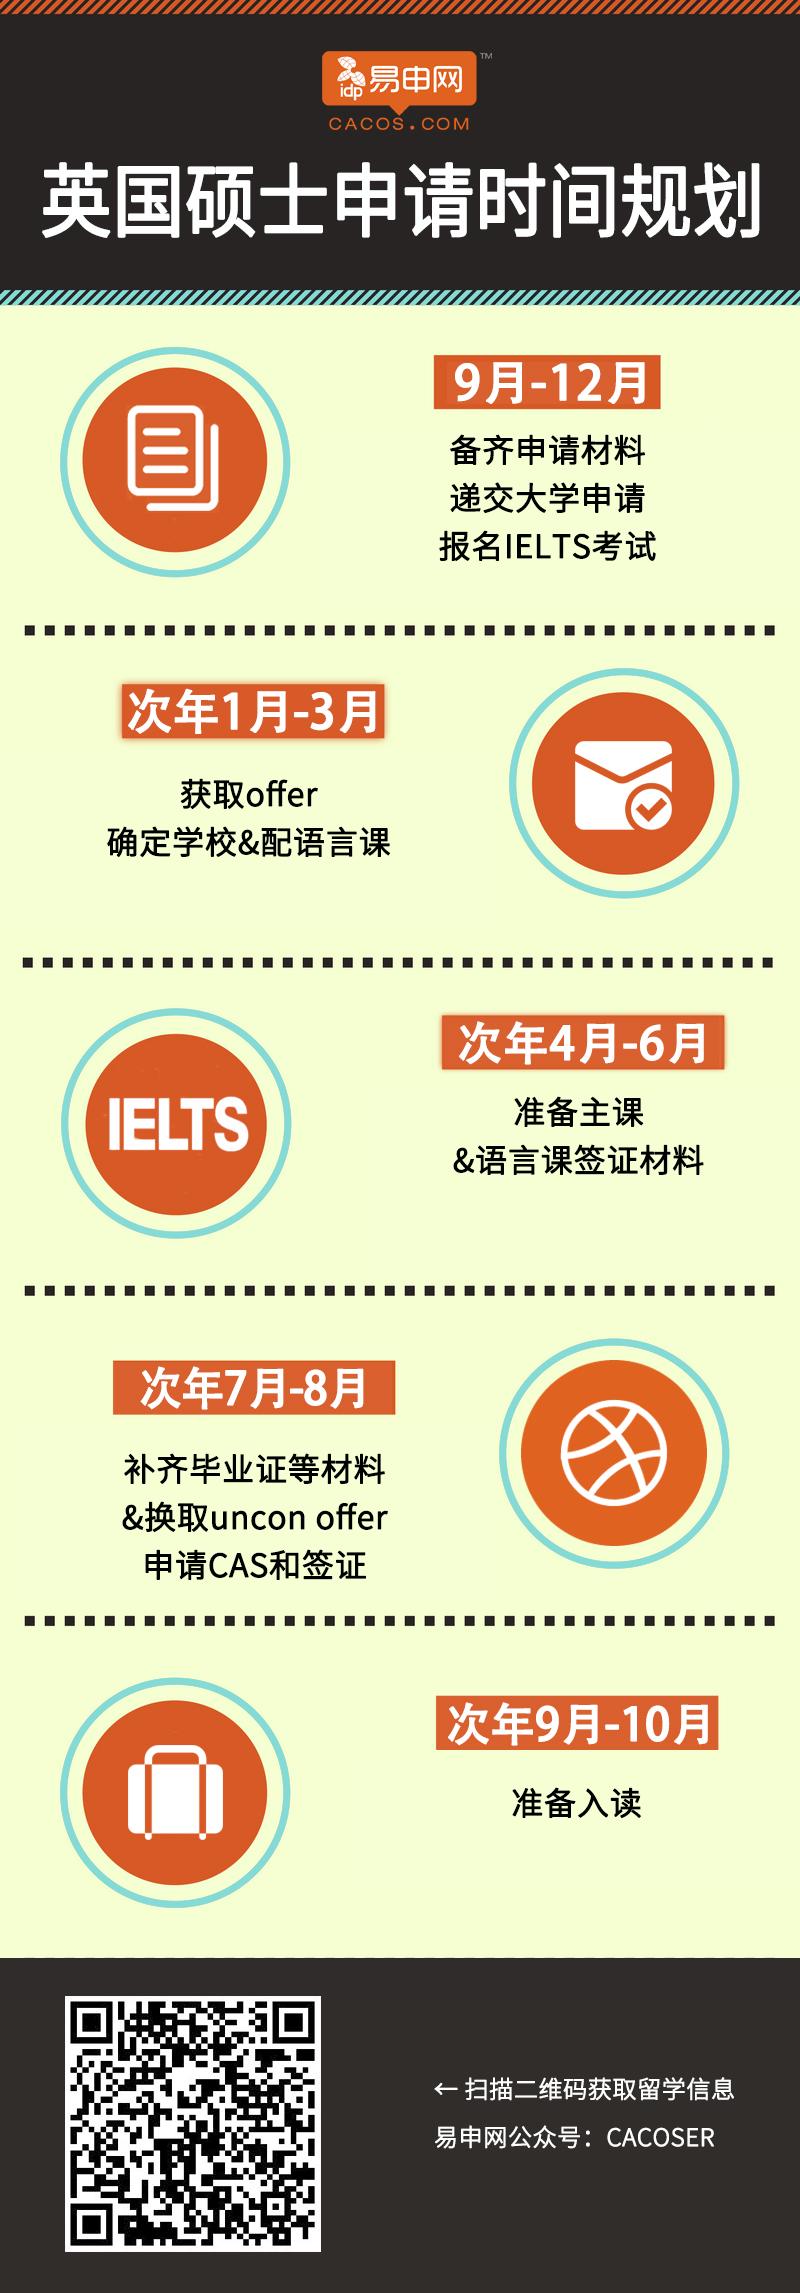 留学申请流程,澳洲留学申请流程,英国留学申请流程